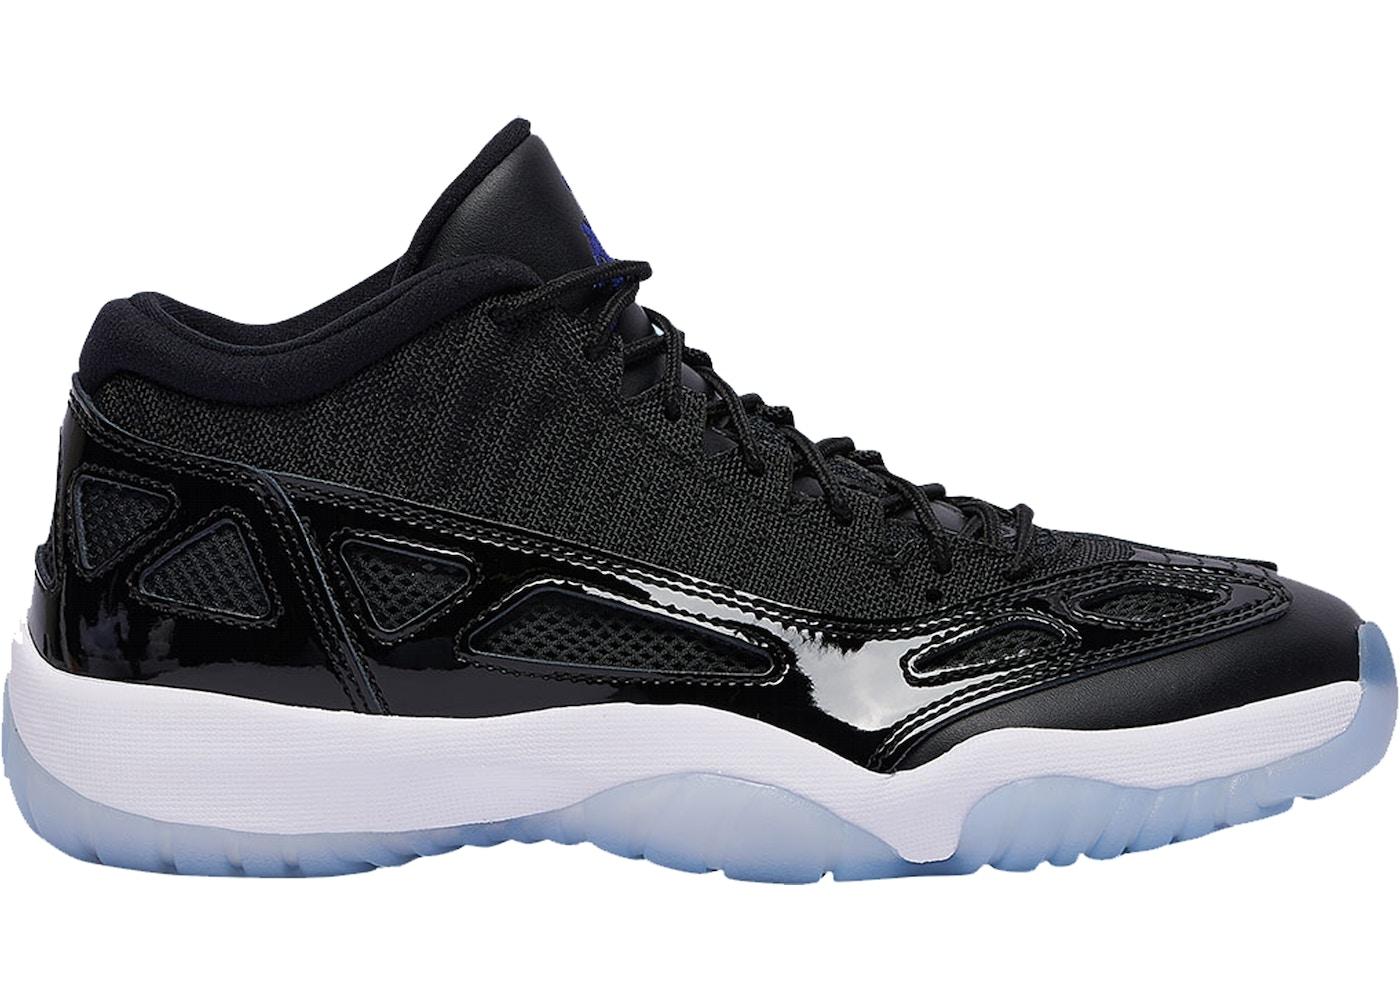 promo code fc18c 855db Buy Air Jordan 11 Shoes & Deadstock Sneakers